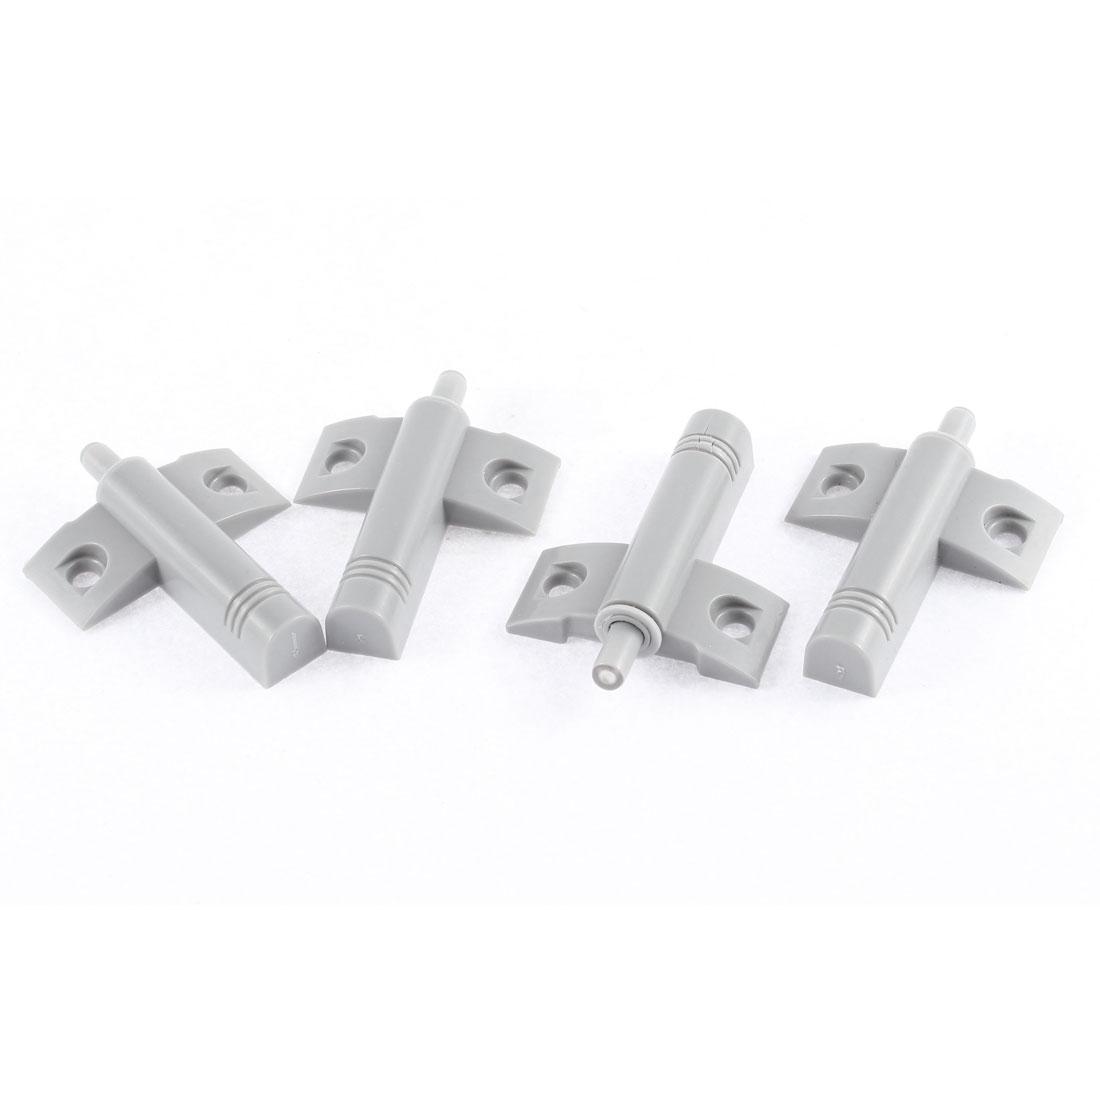 4Pcs Gray Plastic Screw Mounted Cabinet Cupboard Door Damper Buffers